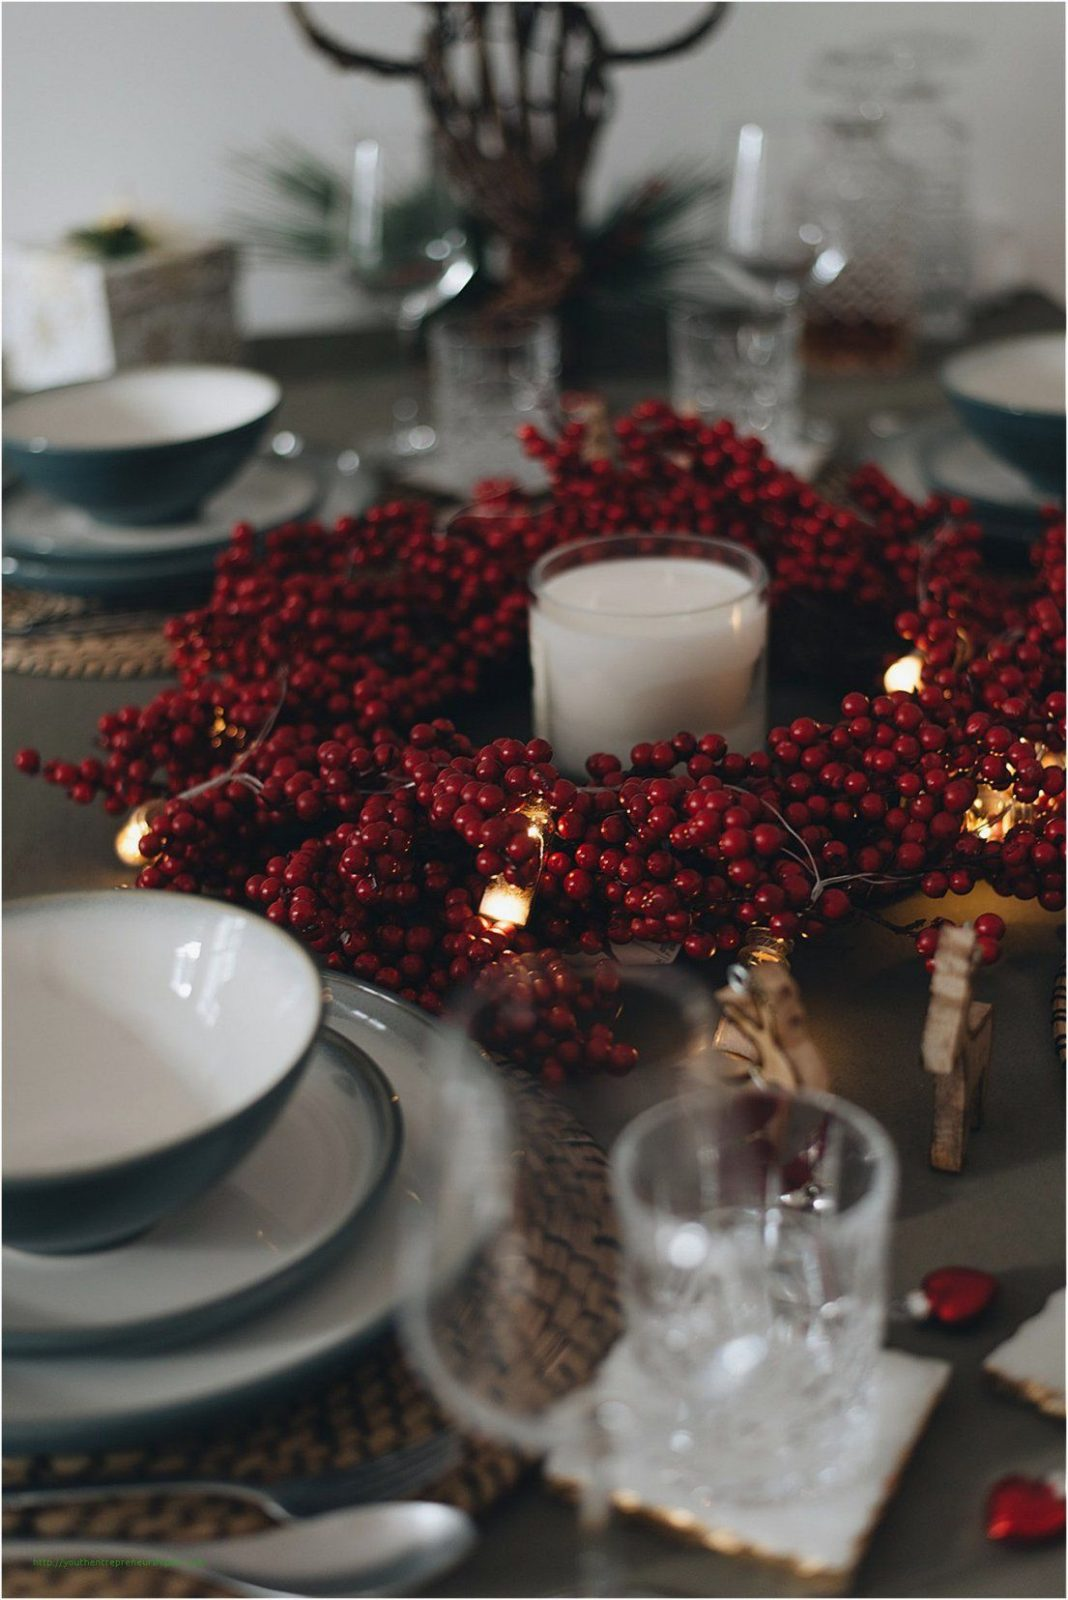 Tischdekoration Weihnachten Selber Basteln Awesome Tischdeko Zu von Tischdekoration Weihnachten Selber Basteln Bild